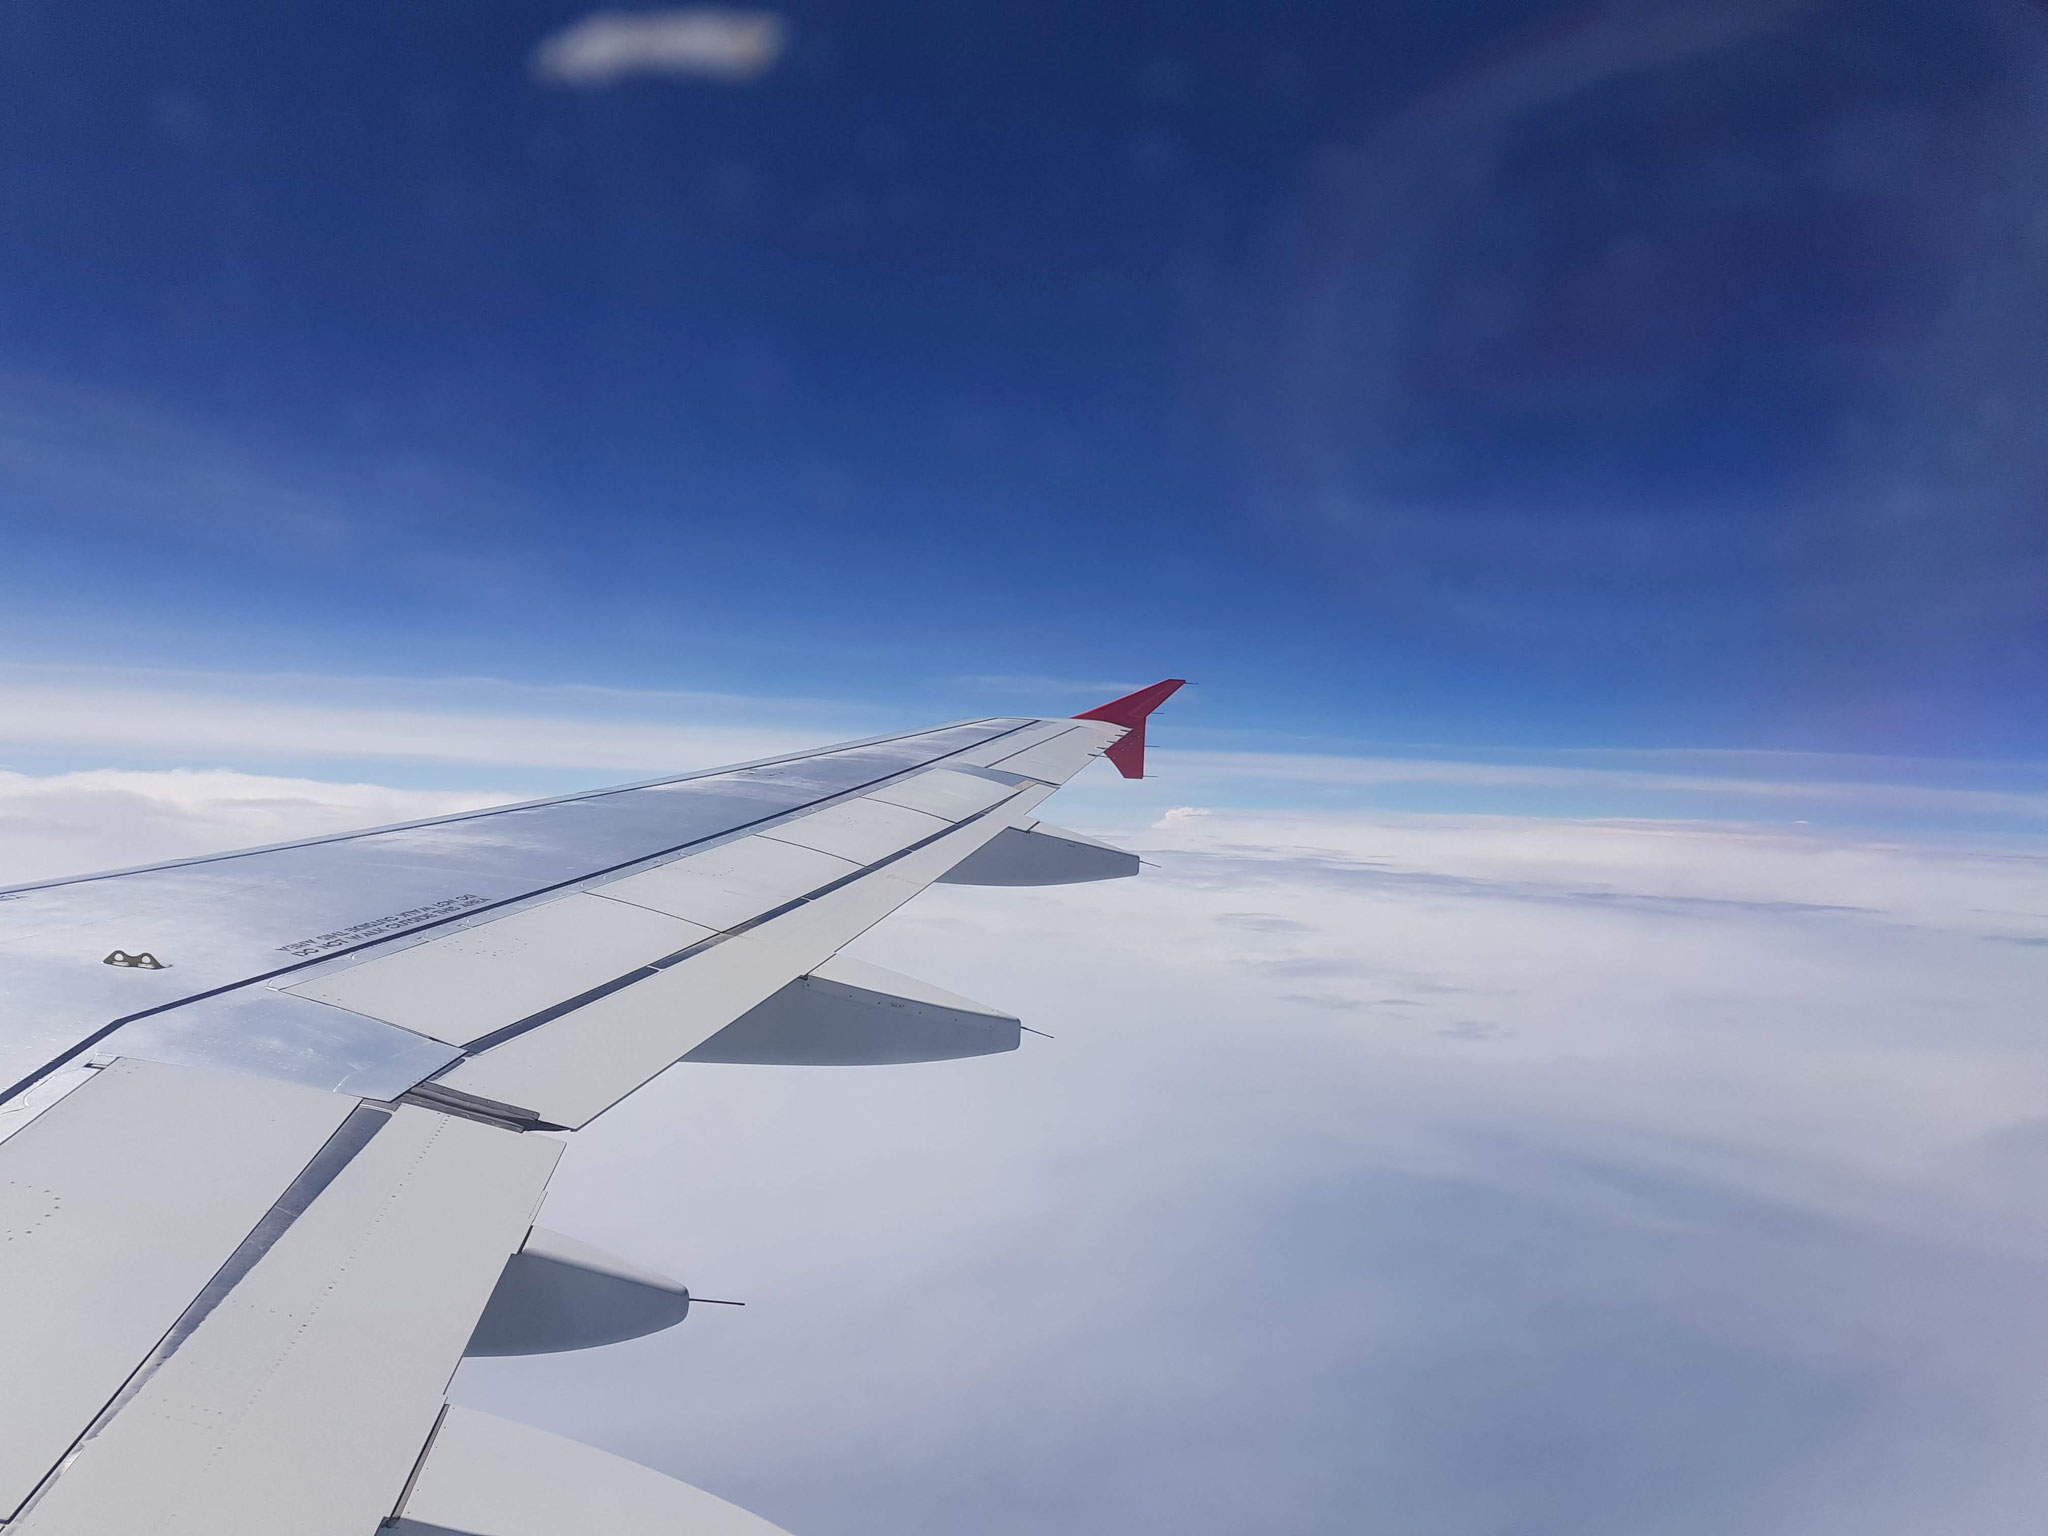 Ein gemütlicher Flug mit der Austrian Airlines. Wien Schwechat --> Dubrovnik erreicht man in ca. 1 1/2 Stunden